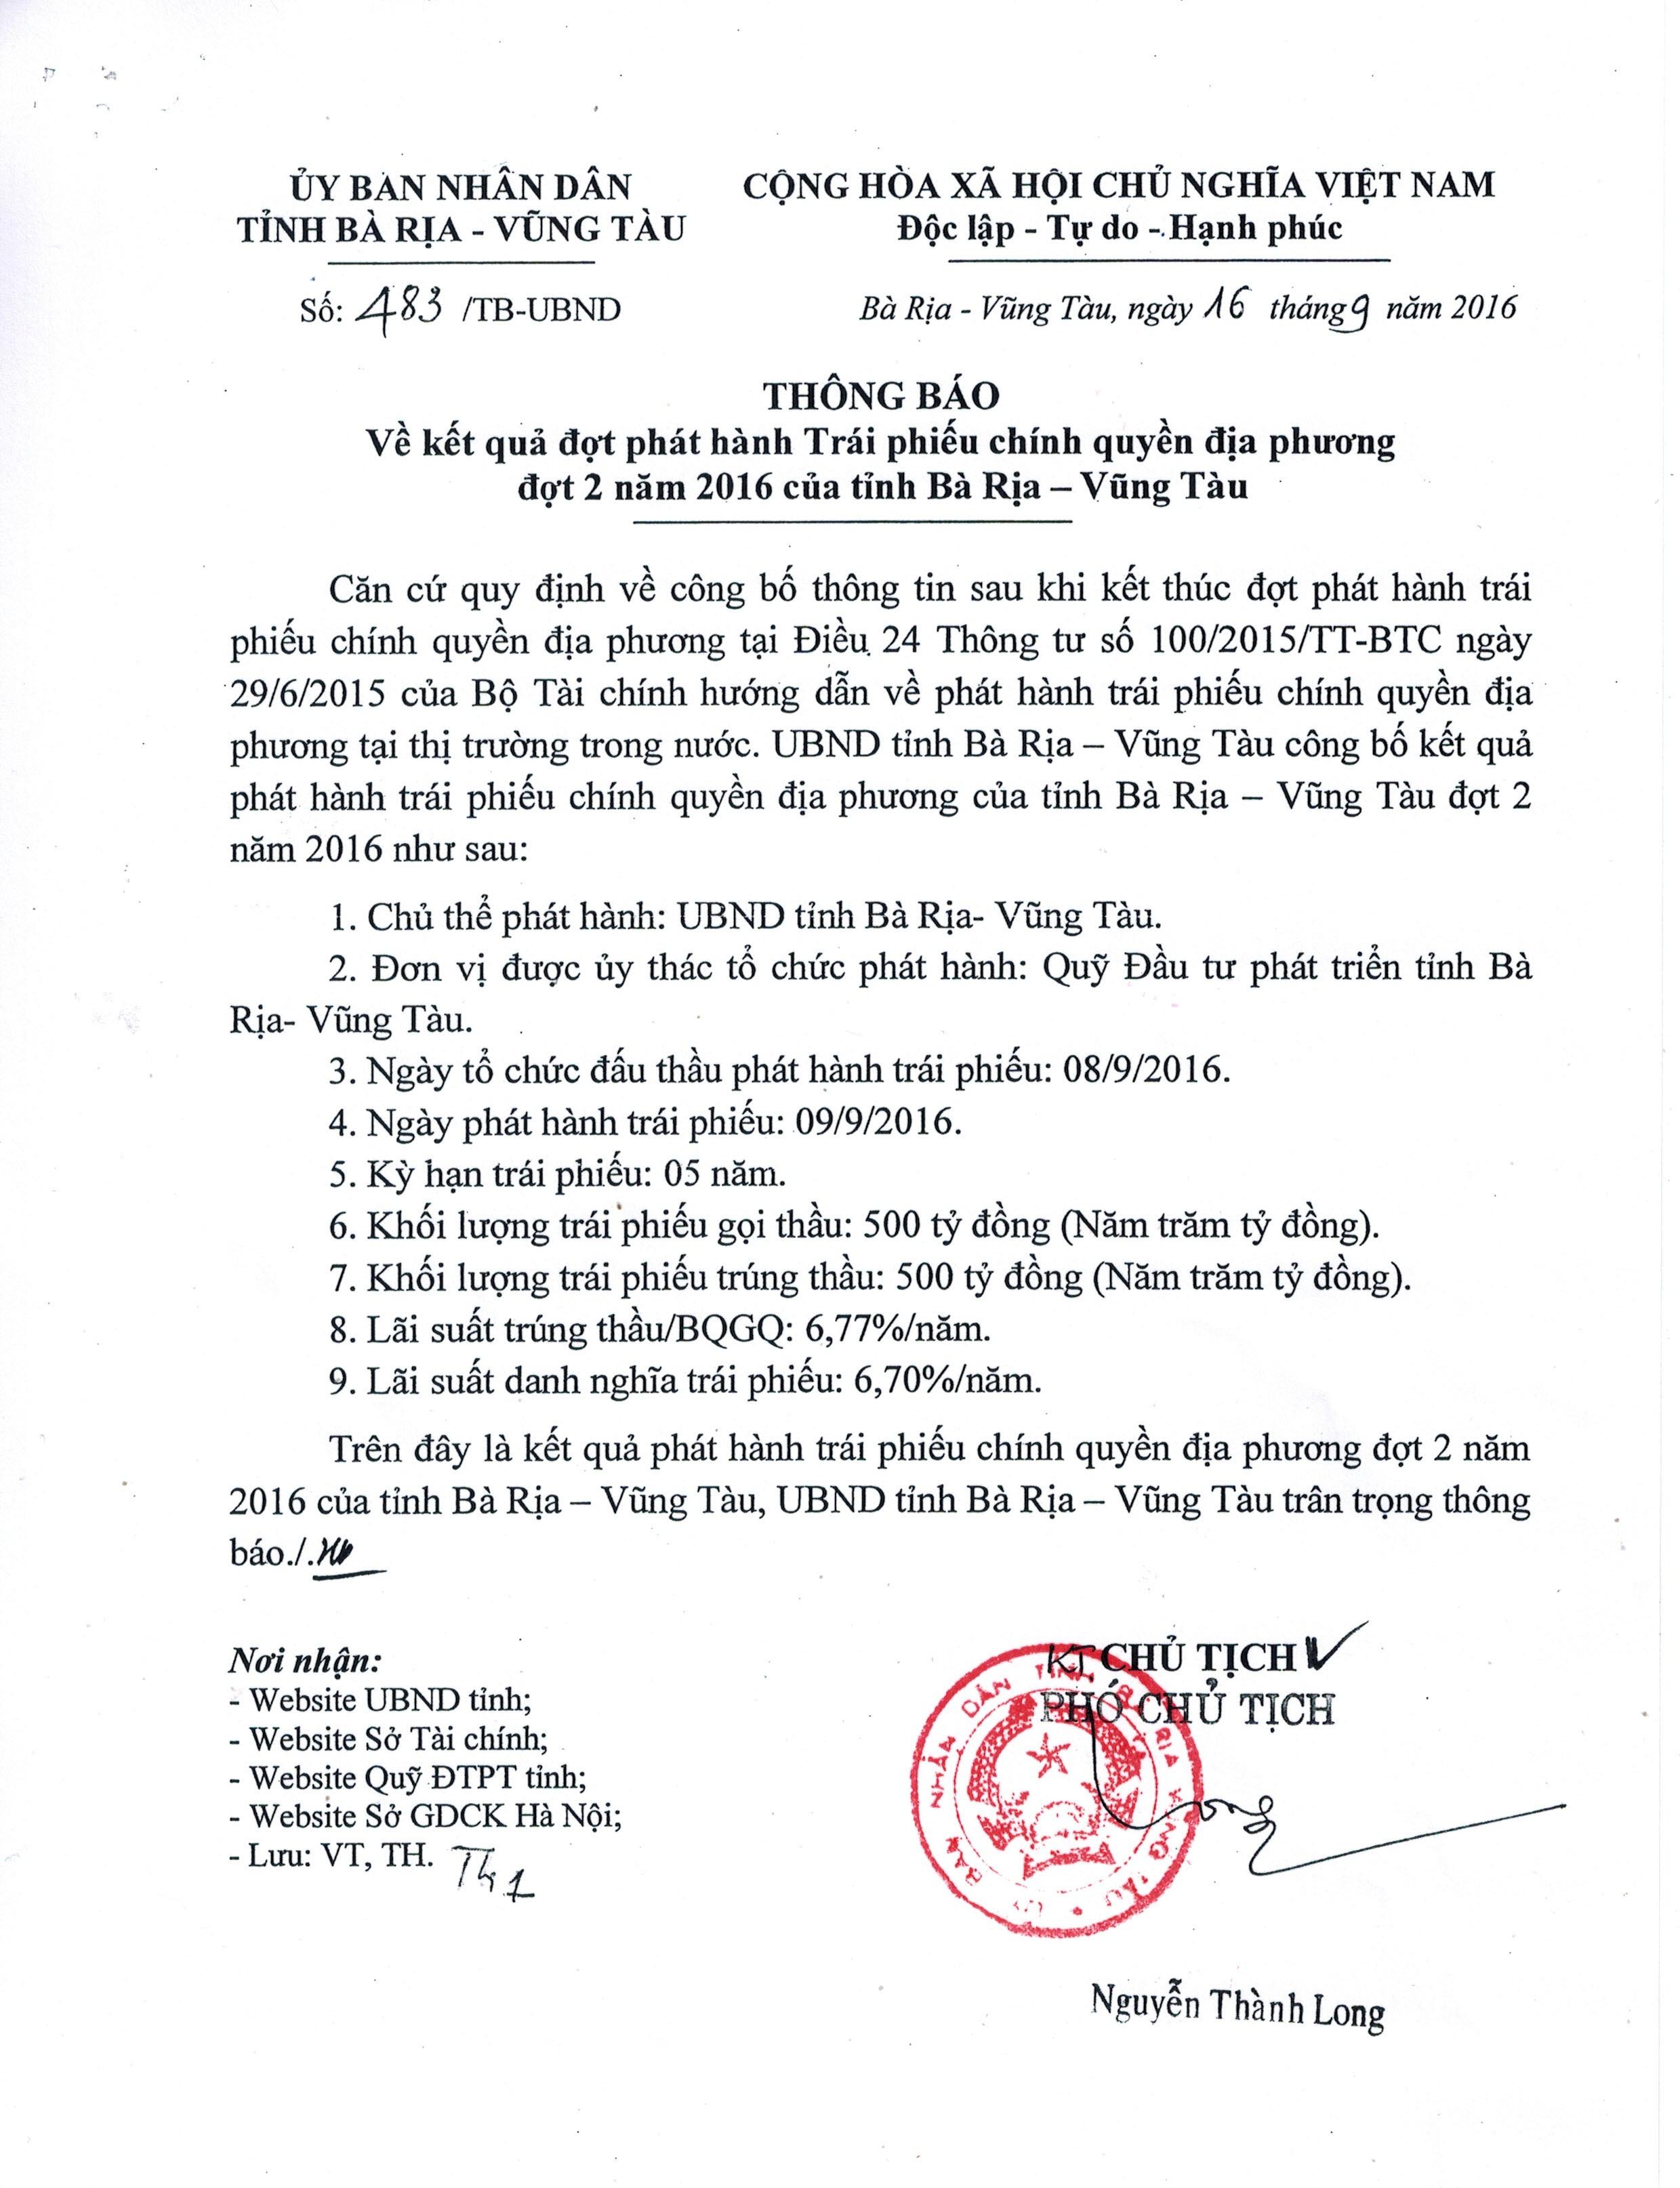 THÔNG BÁO Về Kết quả đợt phát hành Trái phiếu chính quyền địa phương đợt 2 năm 2016 của Tỉnh Bà Rịa – Vũng Tàu